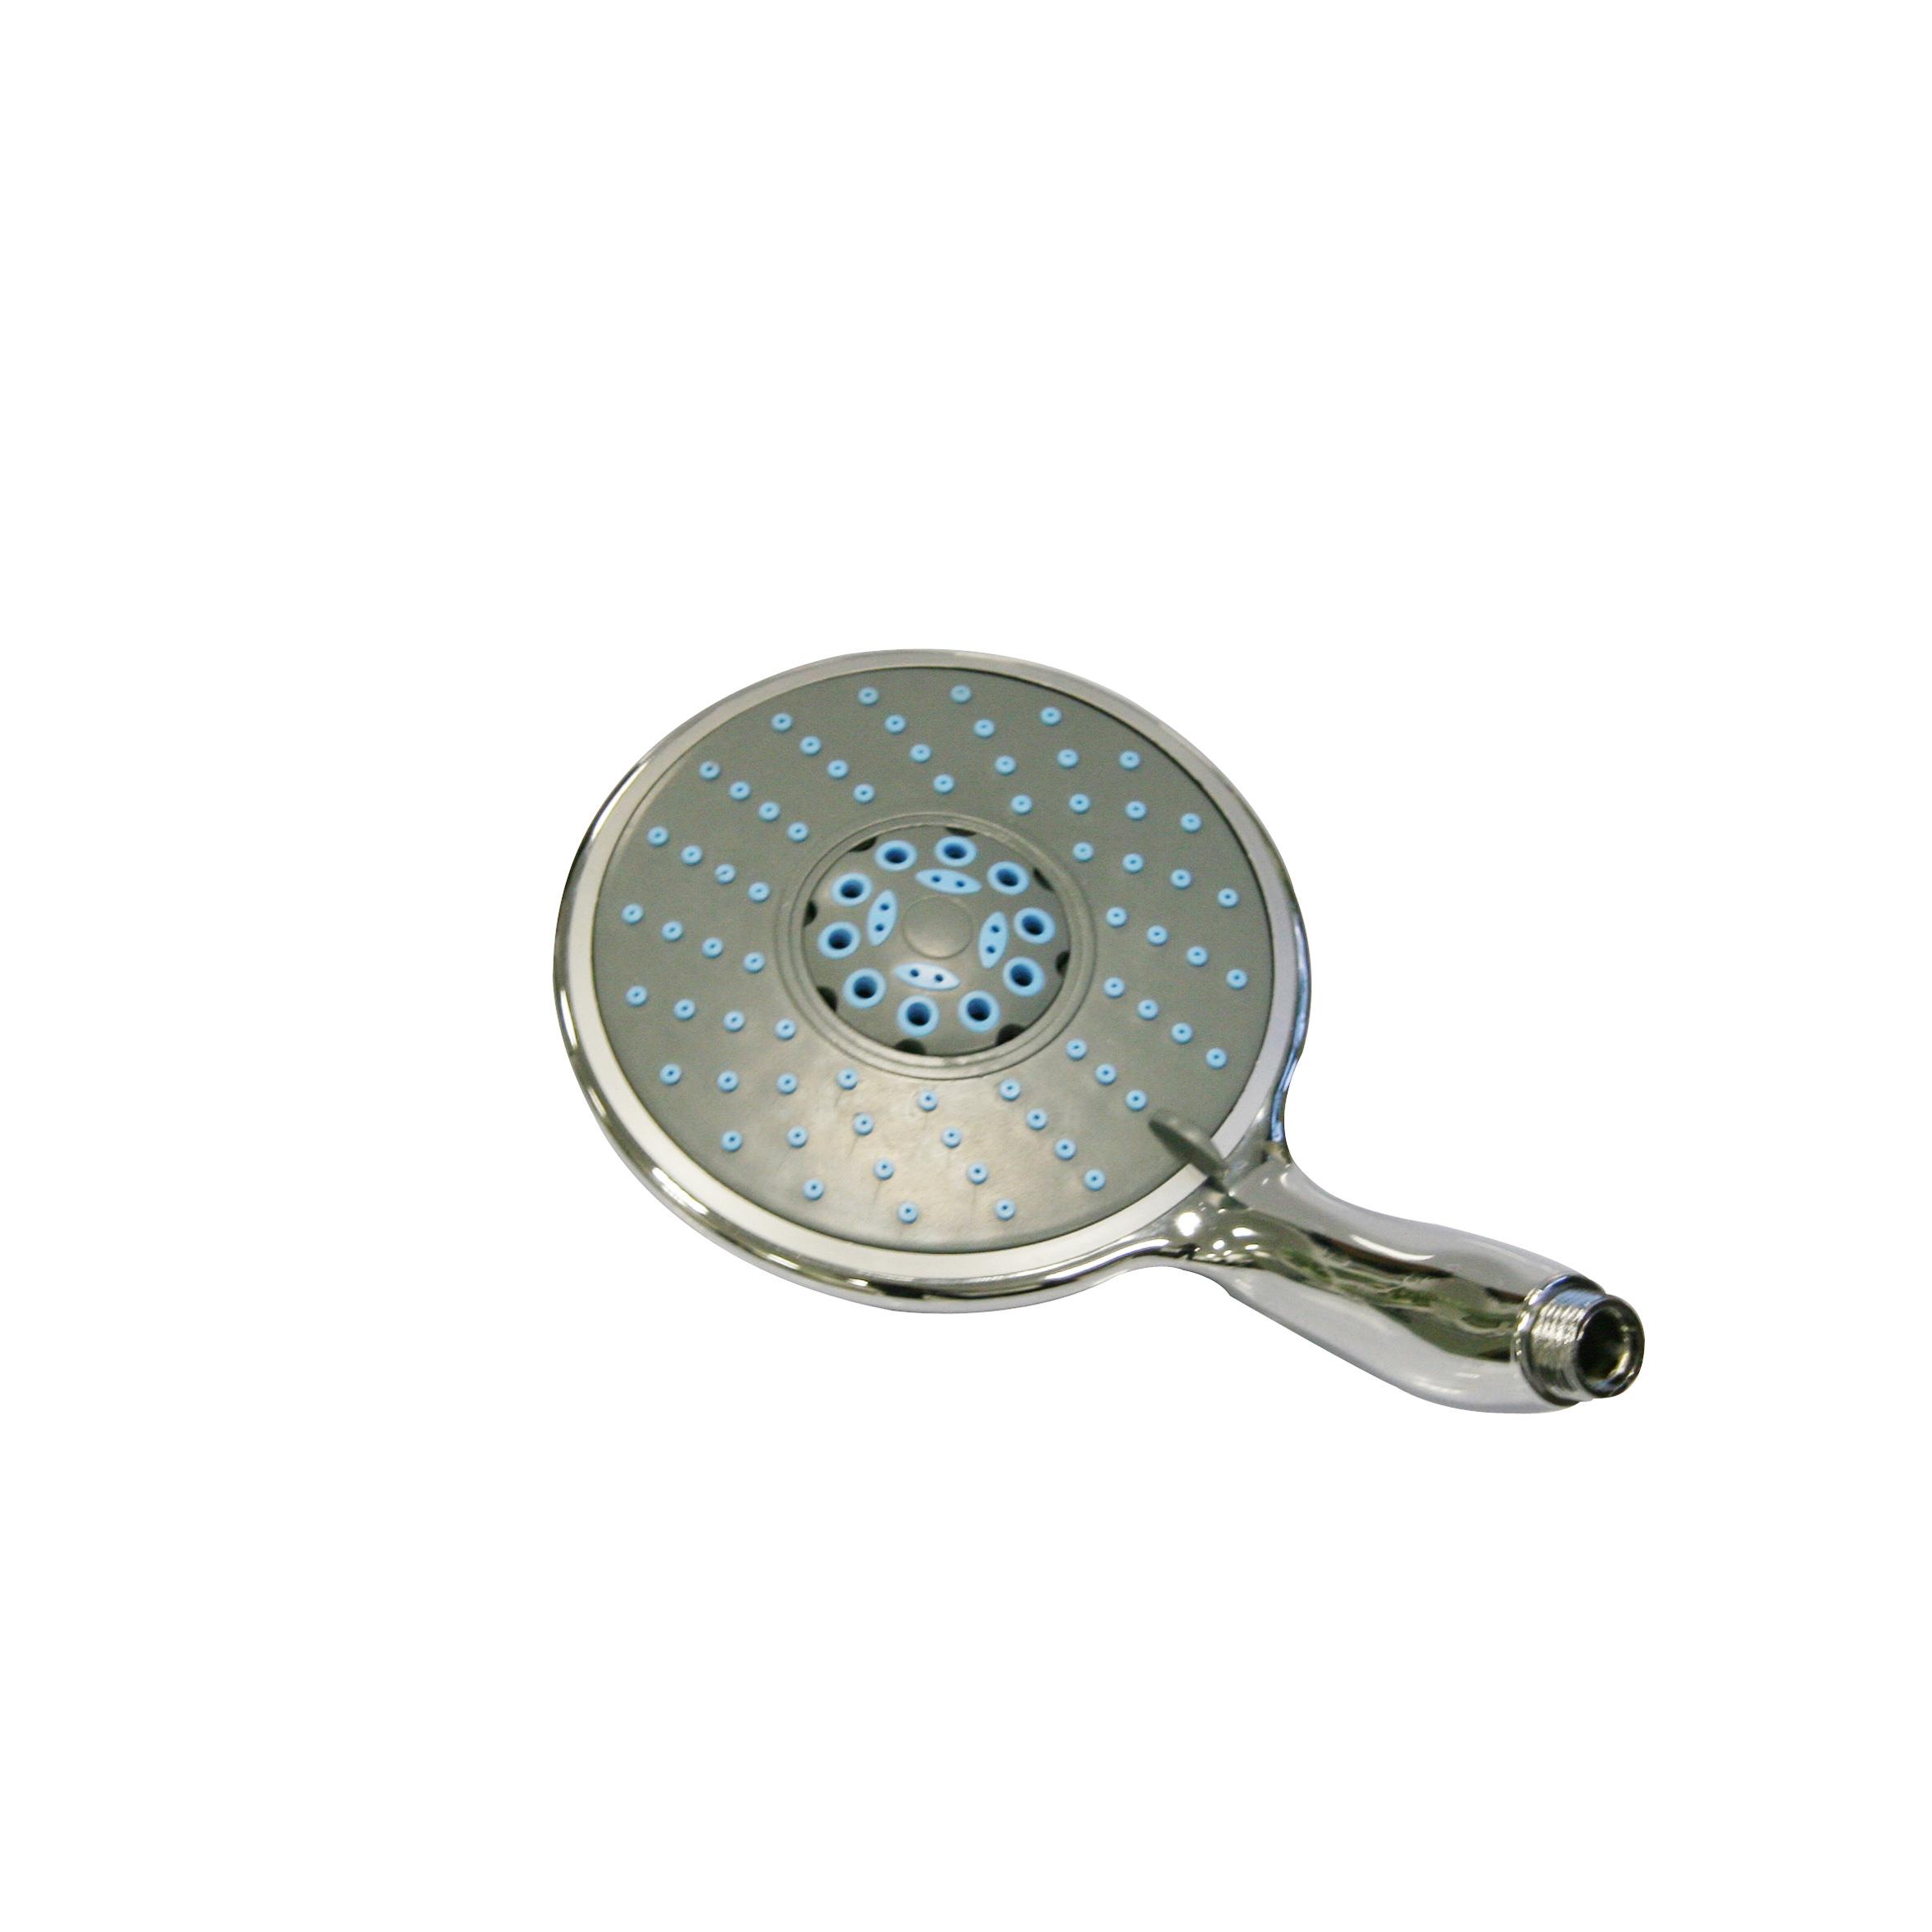 Лейка для душа Top Star Spa, 5 режимовBL505Широкая душевая лейка Top Star Spa, изготовленная из прочного пластика и нержавеющей стали, воплощает в себе стильную простоту и комфорт в использовании. Лейка имеет 5 режимов переключения, что позволяет принимать душ, омывая всетело, и эффективно промывать волосы от шампуня. Изделие прекрасно подойдет для интерьера любой ванной комнаты.Душевая лейка Top Star Spa удобна и практична в работе.Диаметр лейки: 15 см.